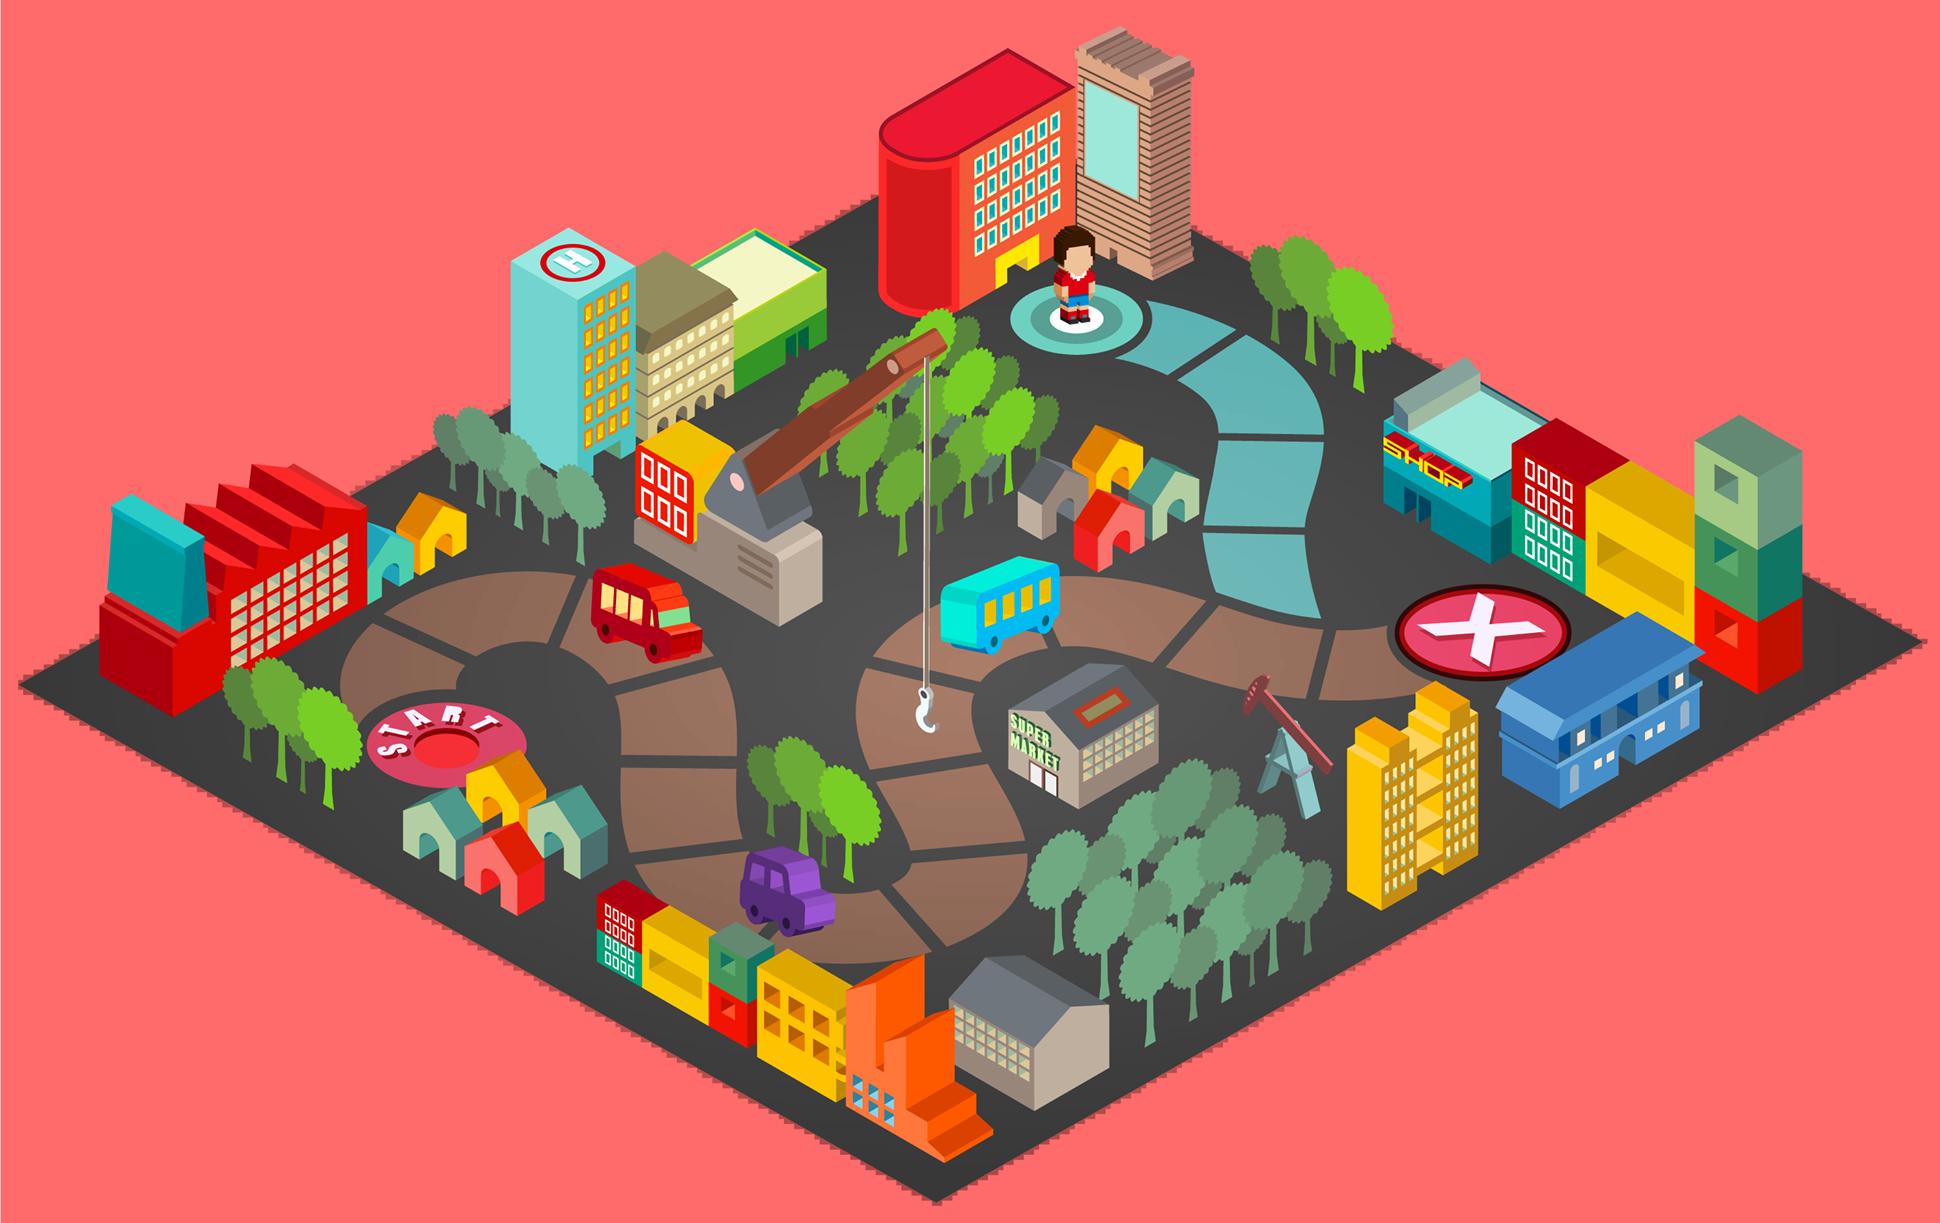 Proiectul care te învață cum să creezi jocuri de masă și de simulare pe teme de mediu